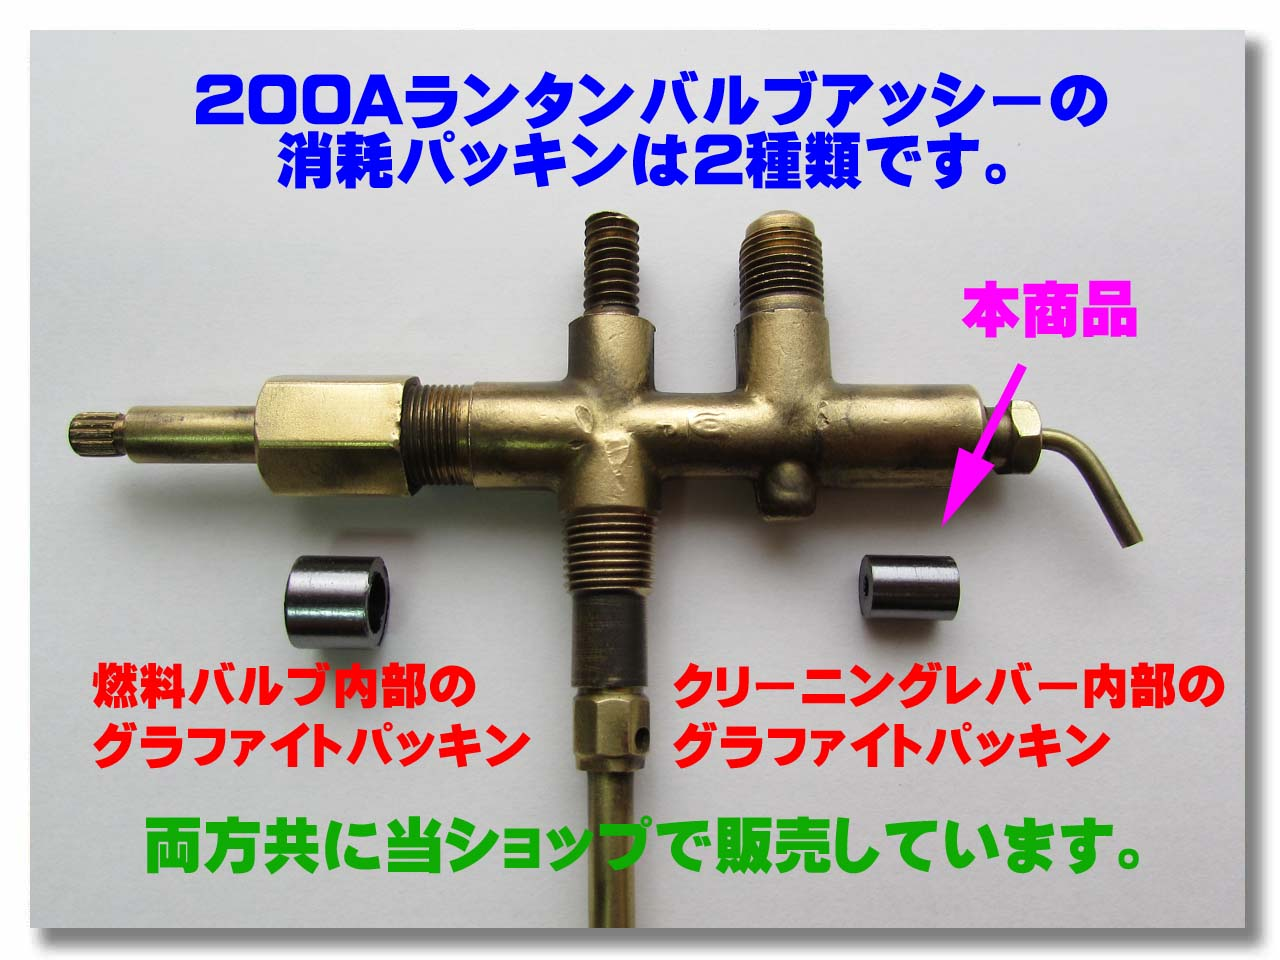 200系242系バルブアッシーの消耗品パッキン参考写真。